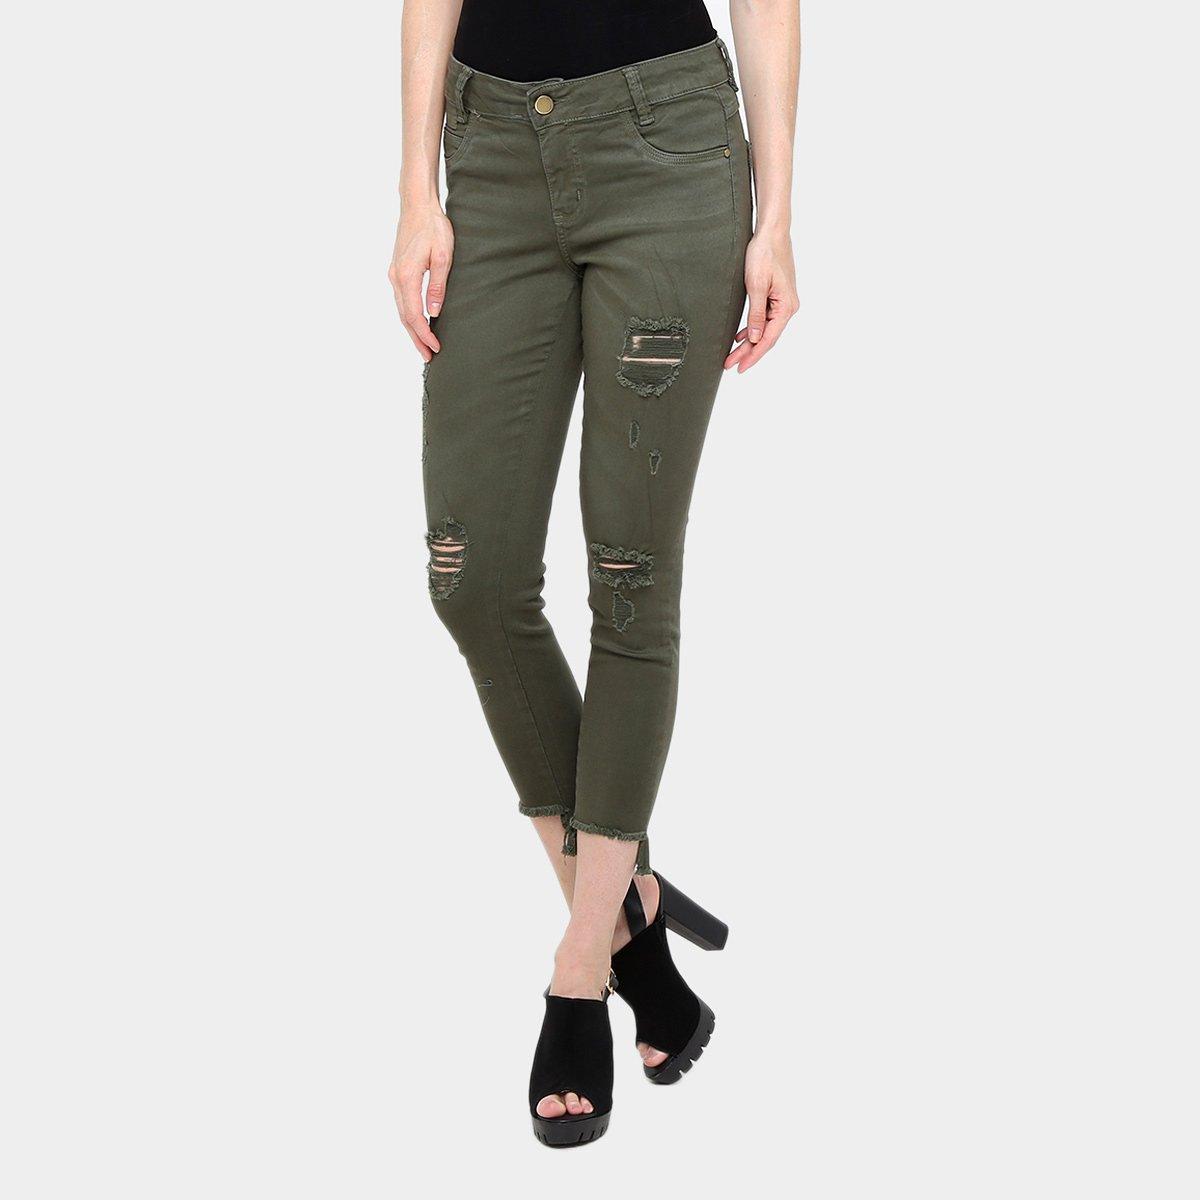 0d536bc1b Calça Skinny Sawary Barra Assimétrica Cintura Média Feminina - Compre Agora  | Zattini